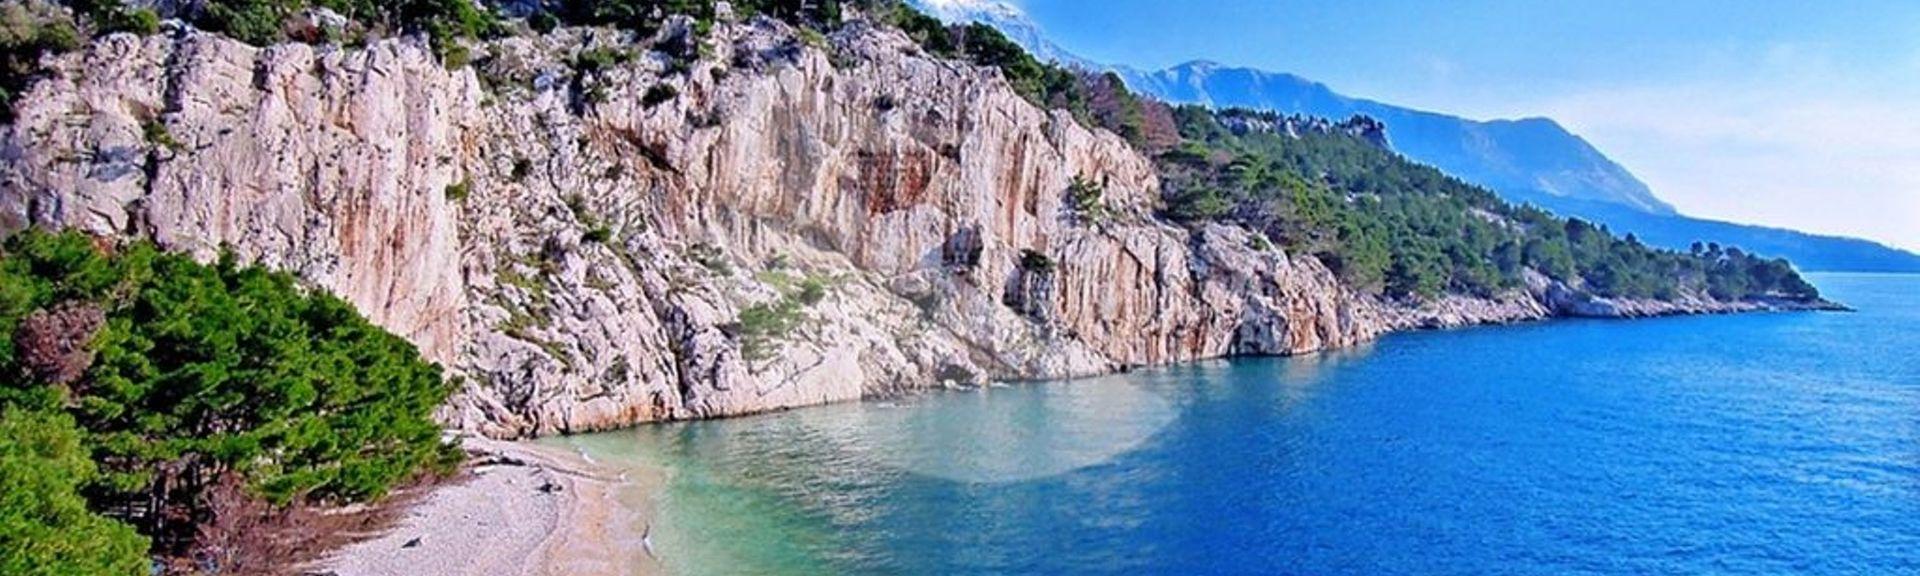 Ratac, Makarska, Croatia